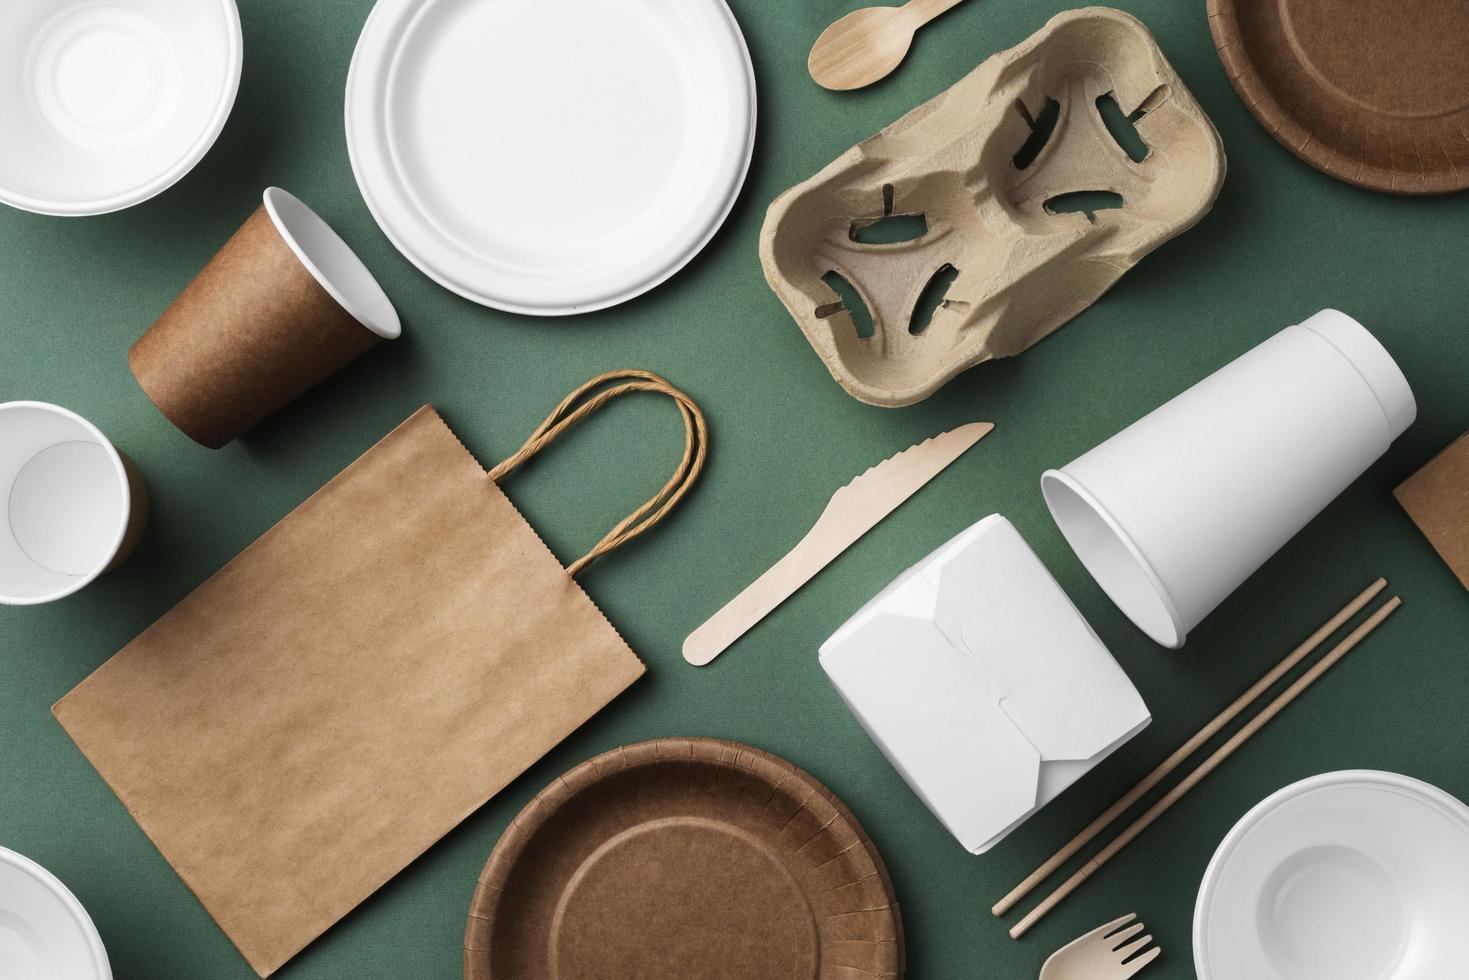 disponibel bordsartiklar på grön bakgrund foto